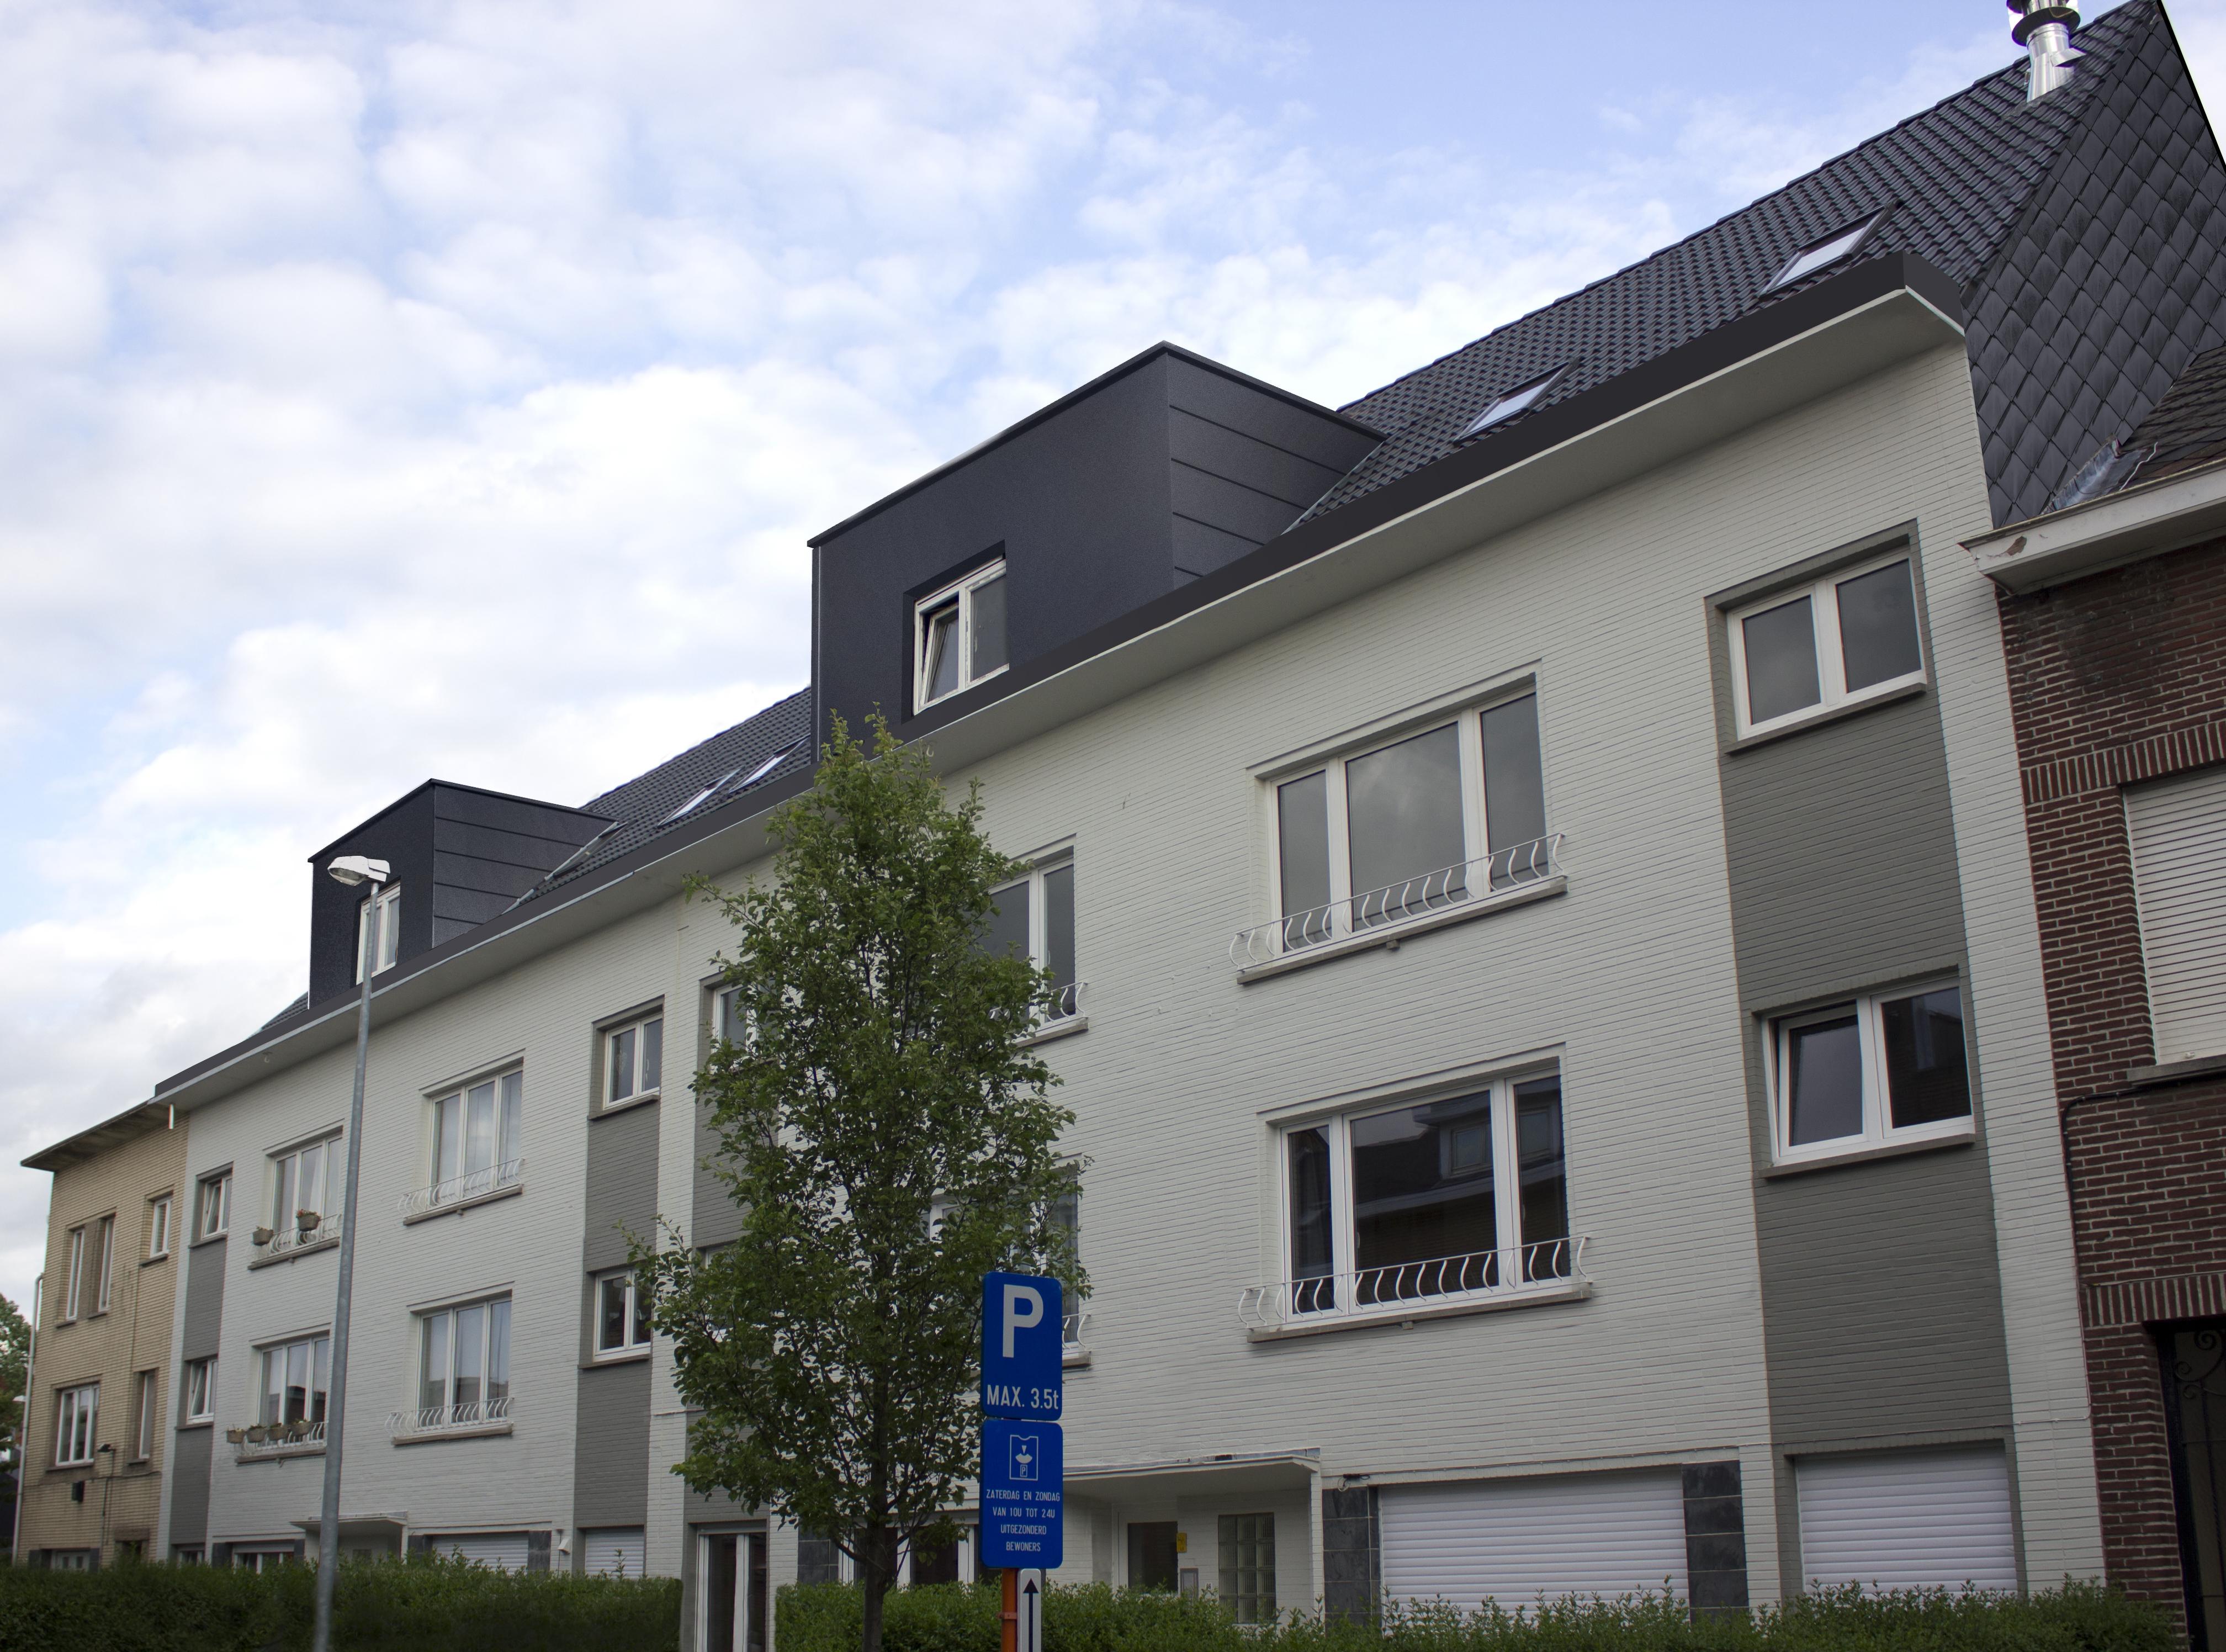 Lakenmakersstraat_ext_01